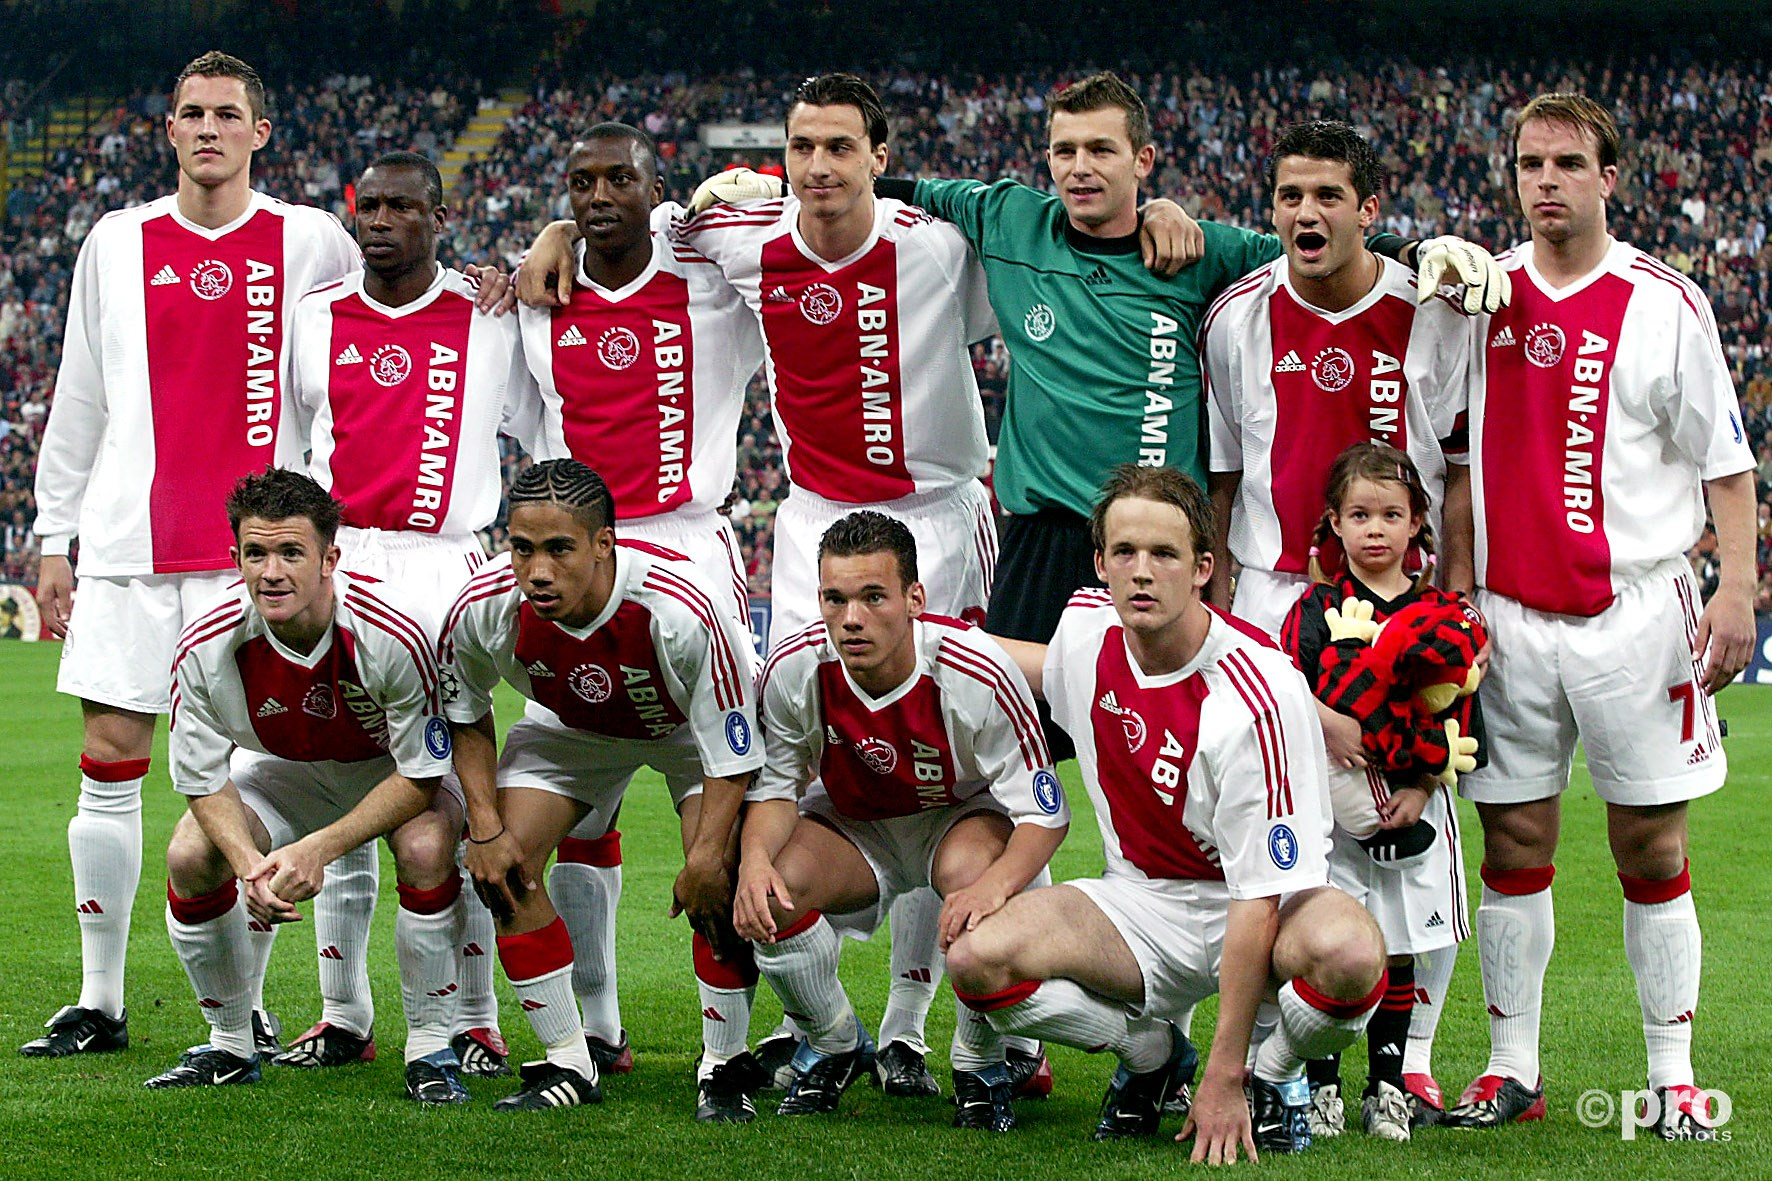 Yakubu (staand, tweede van links) voorafgaand aan de kwartfinale van de Champions League tegen AC Milan in 2003 (PRO SHOTS/Stanley Gontha)